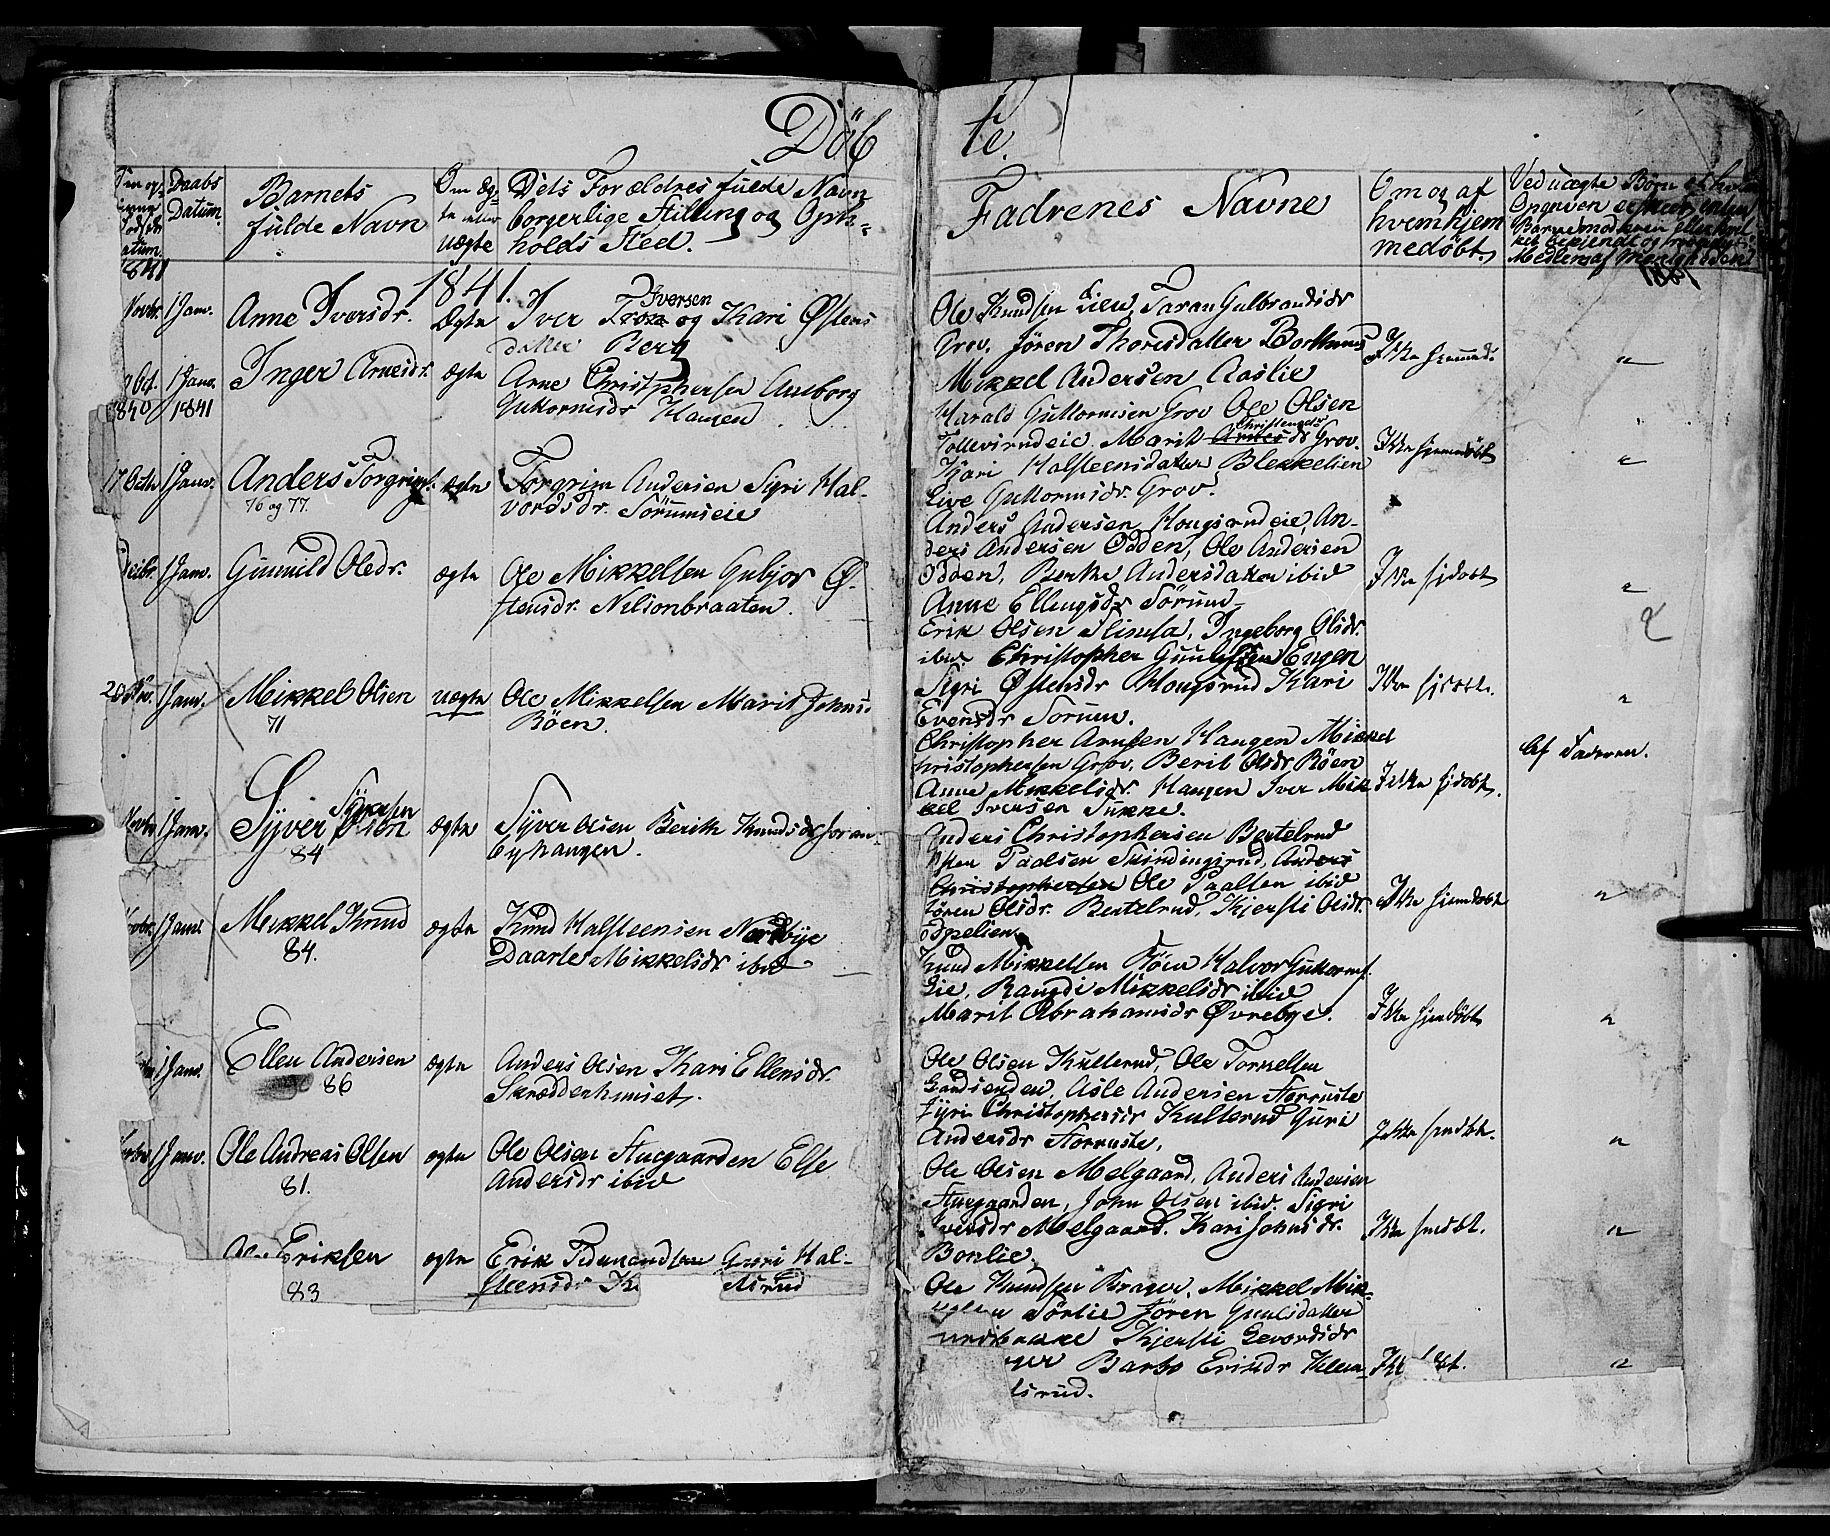 SAH, Sør-Aurdal prestekontor, Ministerialbok nr. 4, 1841-1849, s. 1-2